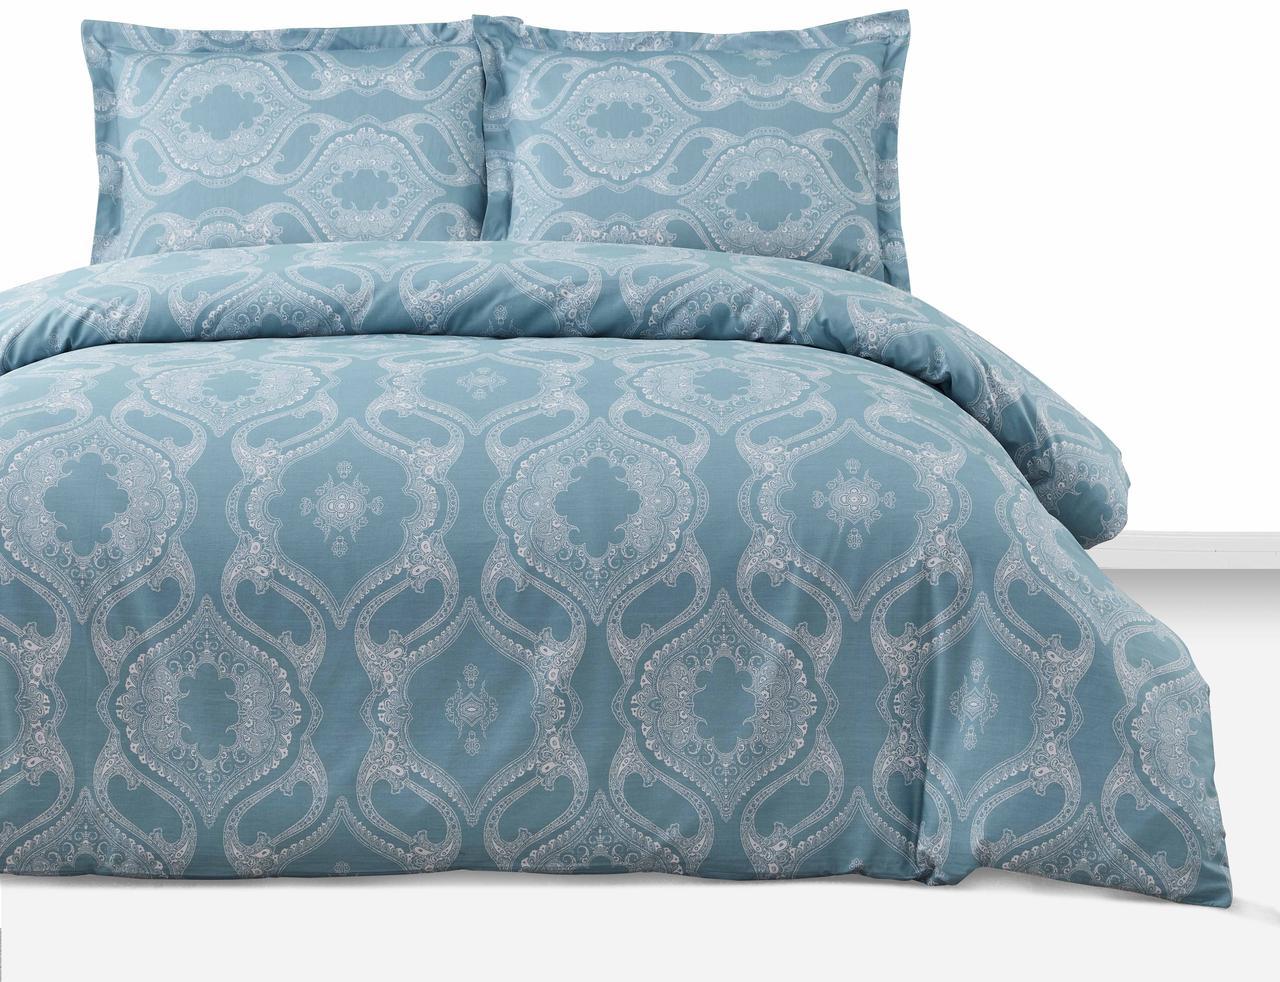 Евро комплект постельного белья Arya Simple Living Veras 200х220